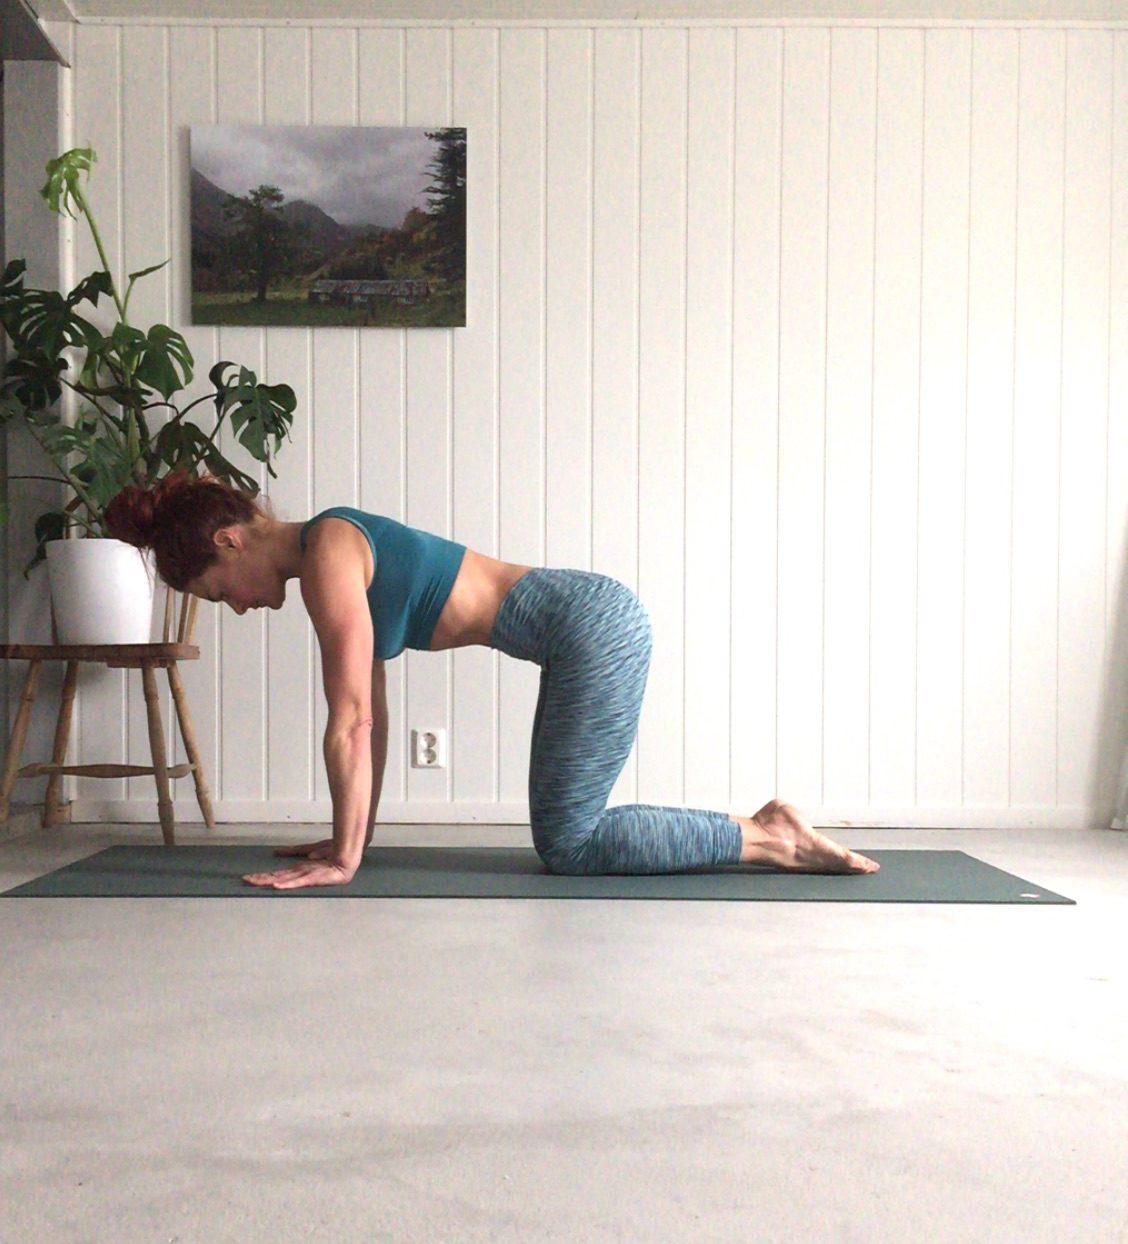 signe yoga, yoga med signe, run and relax, yoga i rosendal, yoga pants, yoga, yogaeverydamnday, manduka, lumiyoga, yogahelg, yogahelg i rosendal